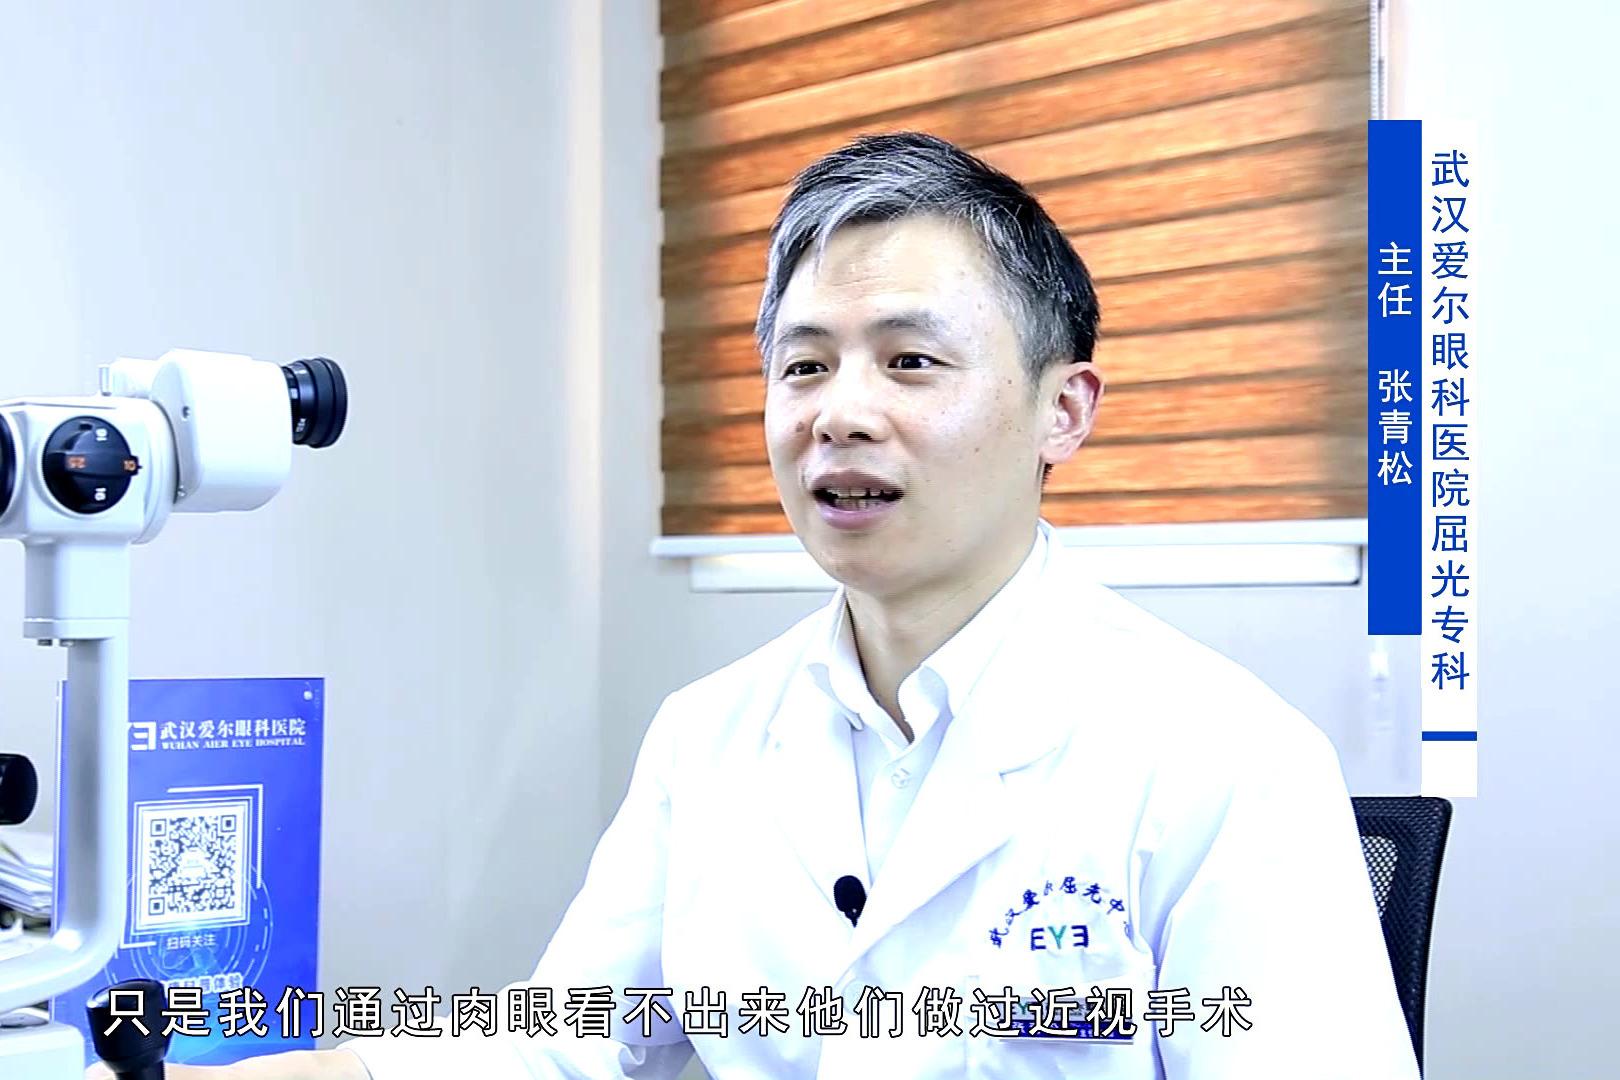 武汉大学附属爱尔眼科张青松:眼科医院的医生自己也做近视手术!